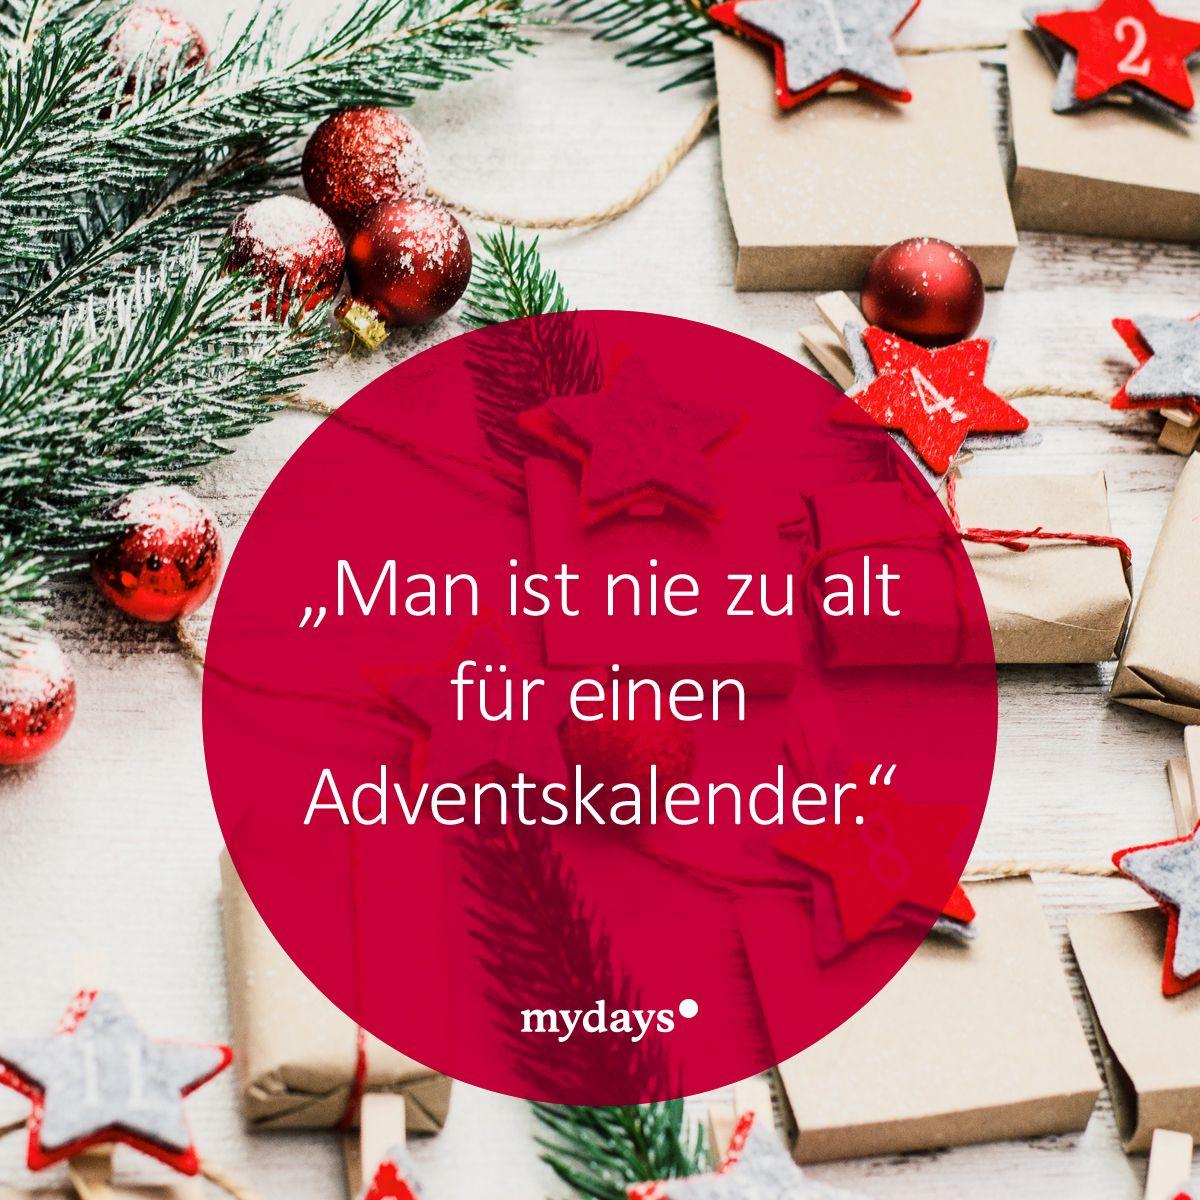 adventskalender #weihnachten #mydays Egal wie alt man ist, über ...